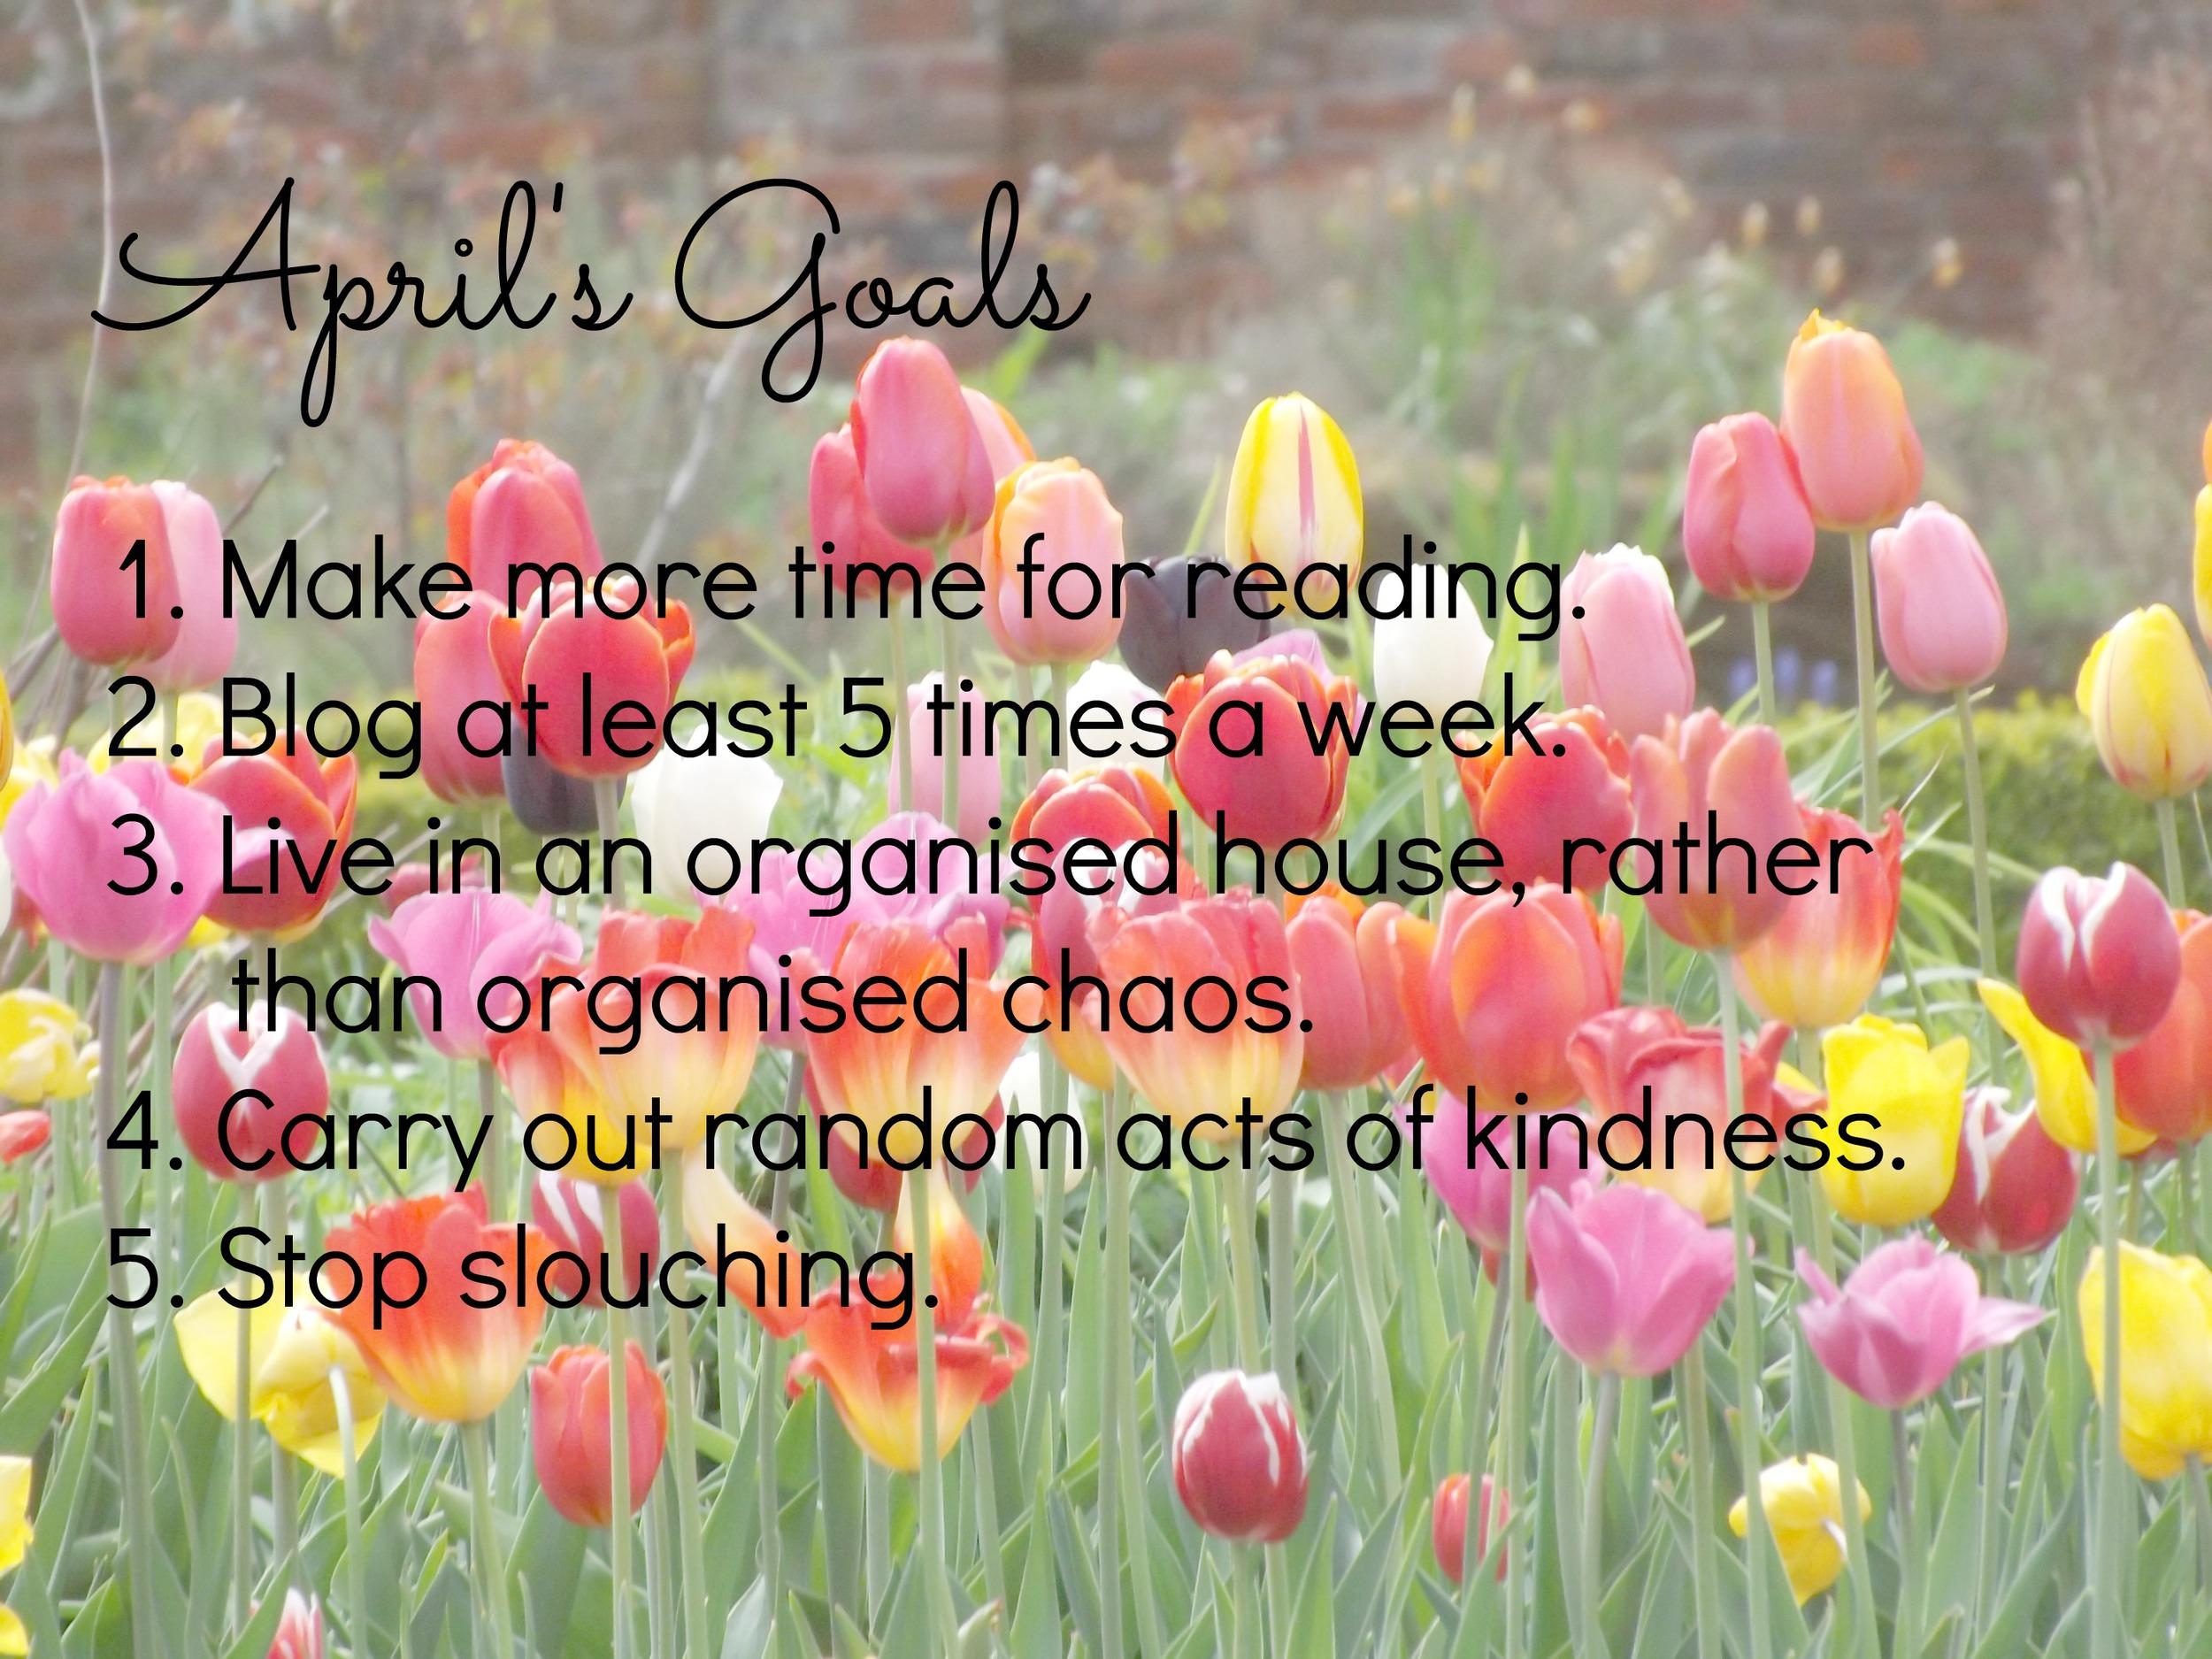 april's goals